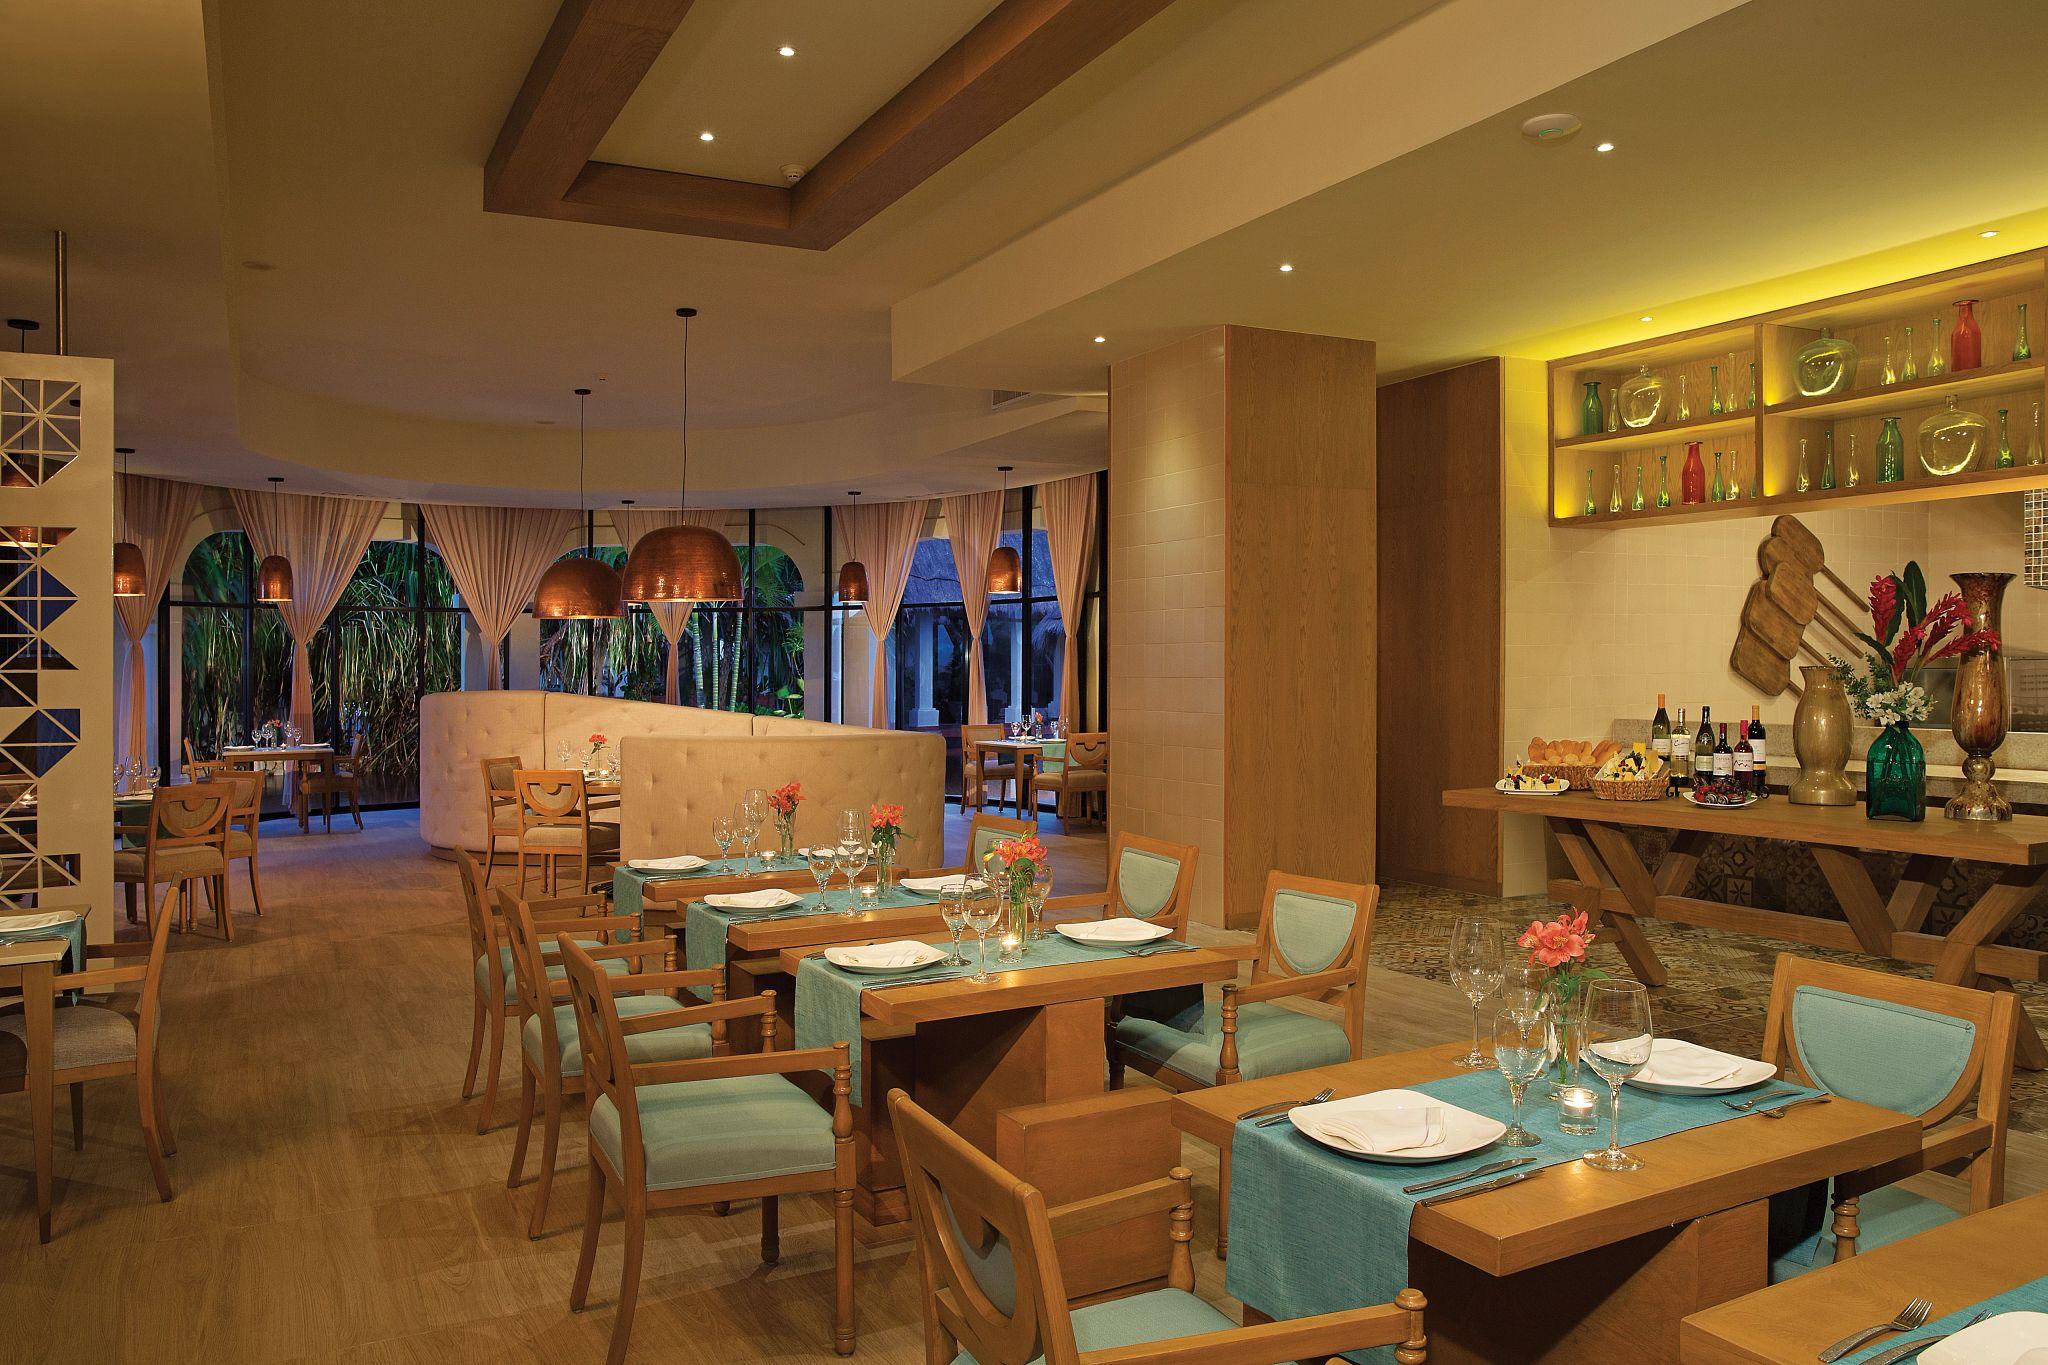 interior of a mediterranean restaurant